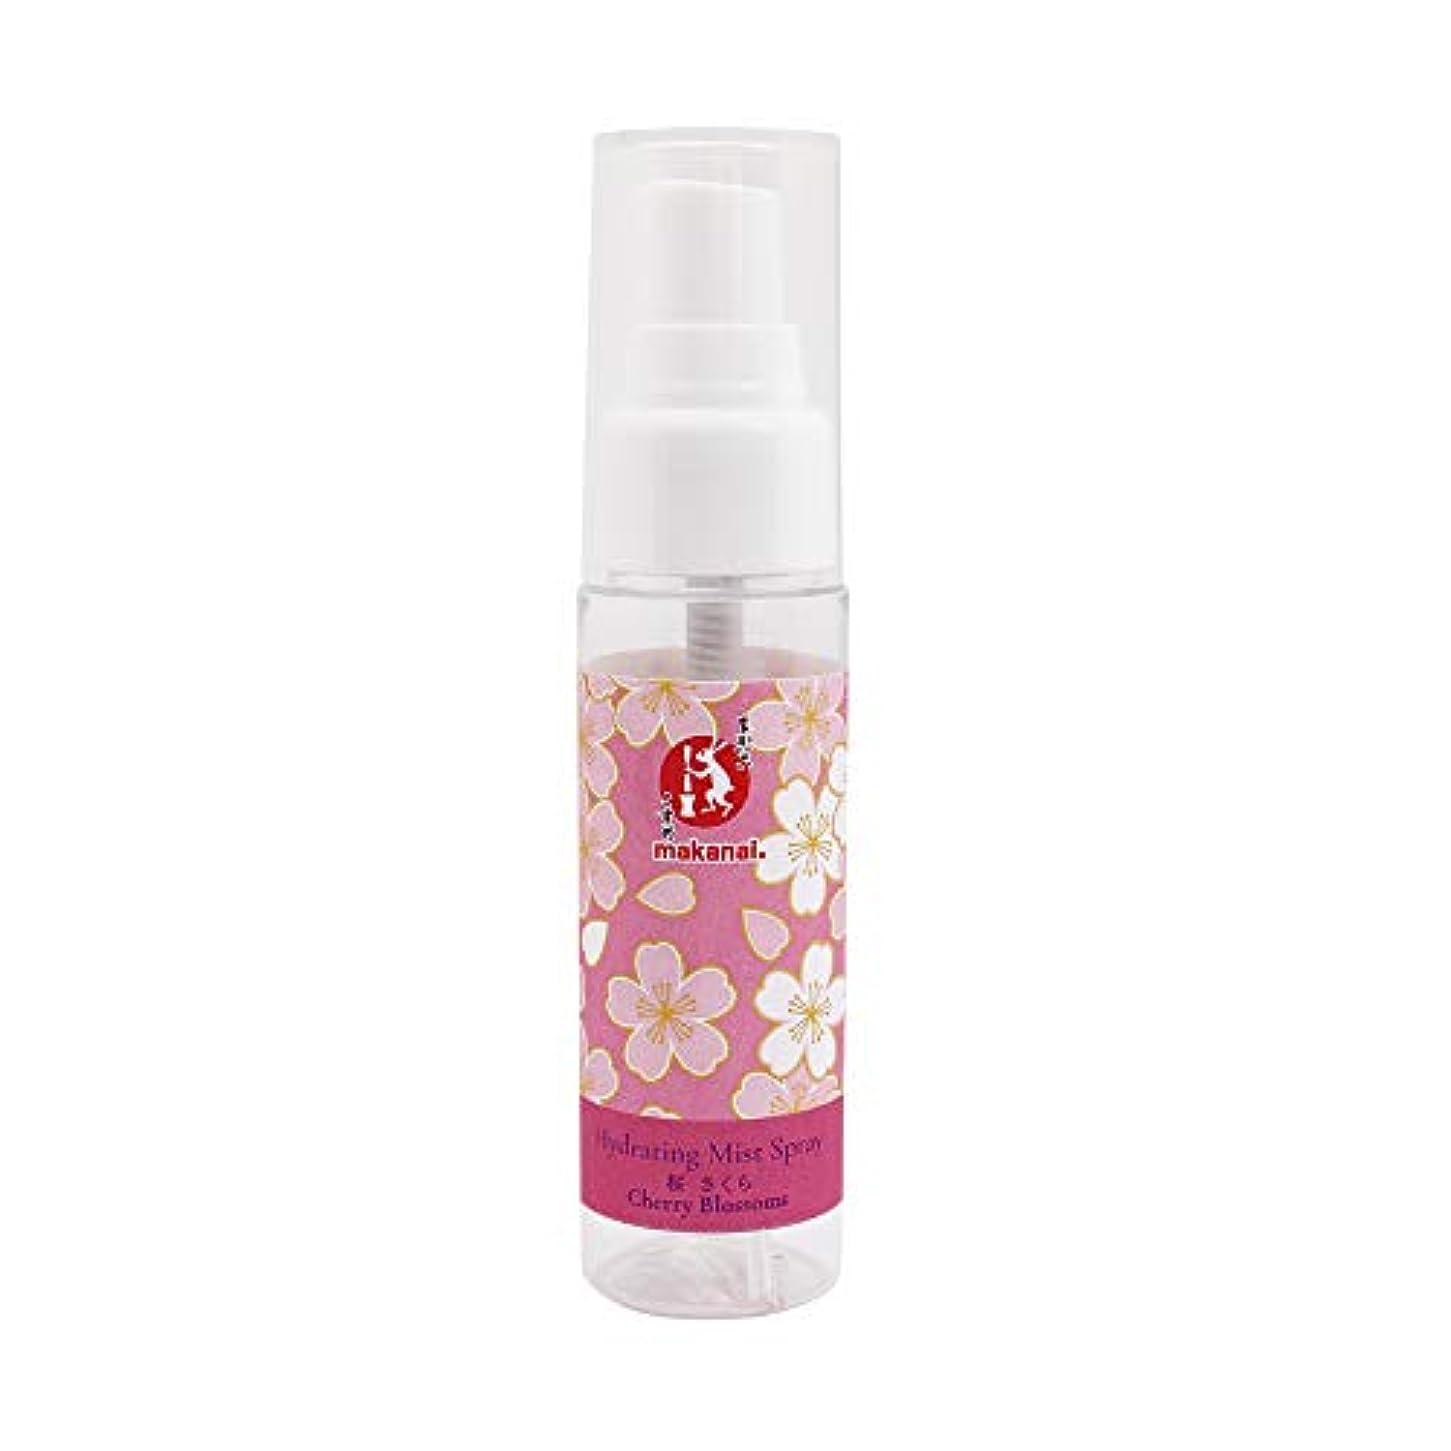 報復ある空虚まかないこすめ もっとうるおいたい日の保湿スプレー(桜)50ml